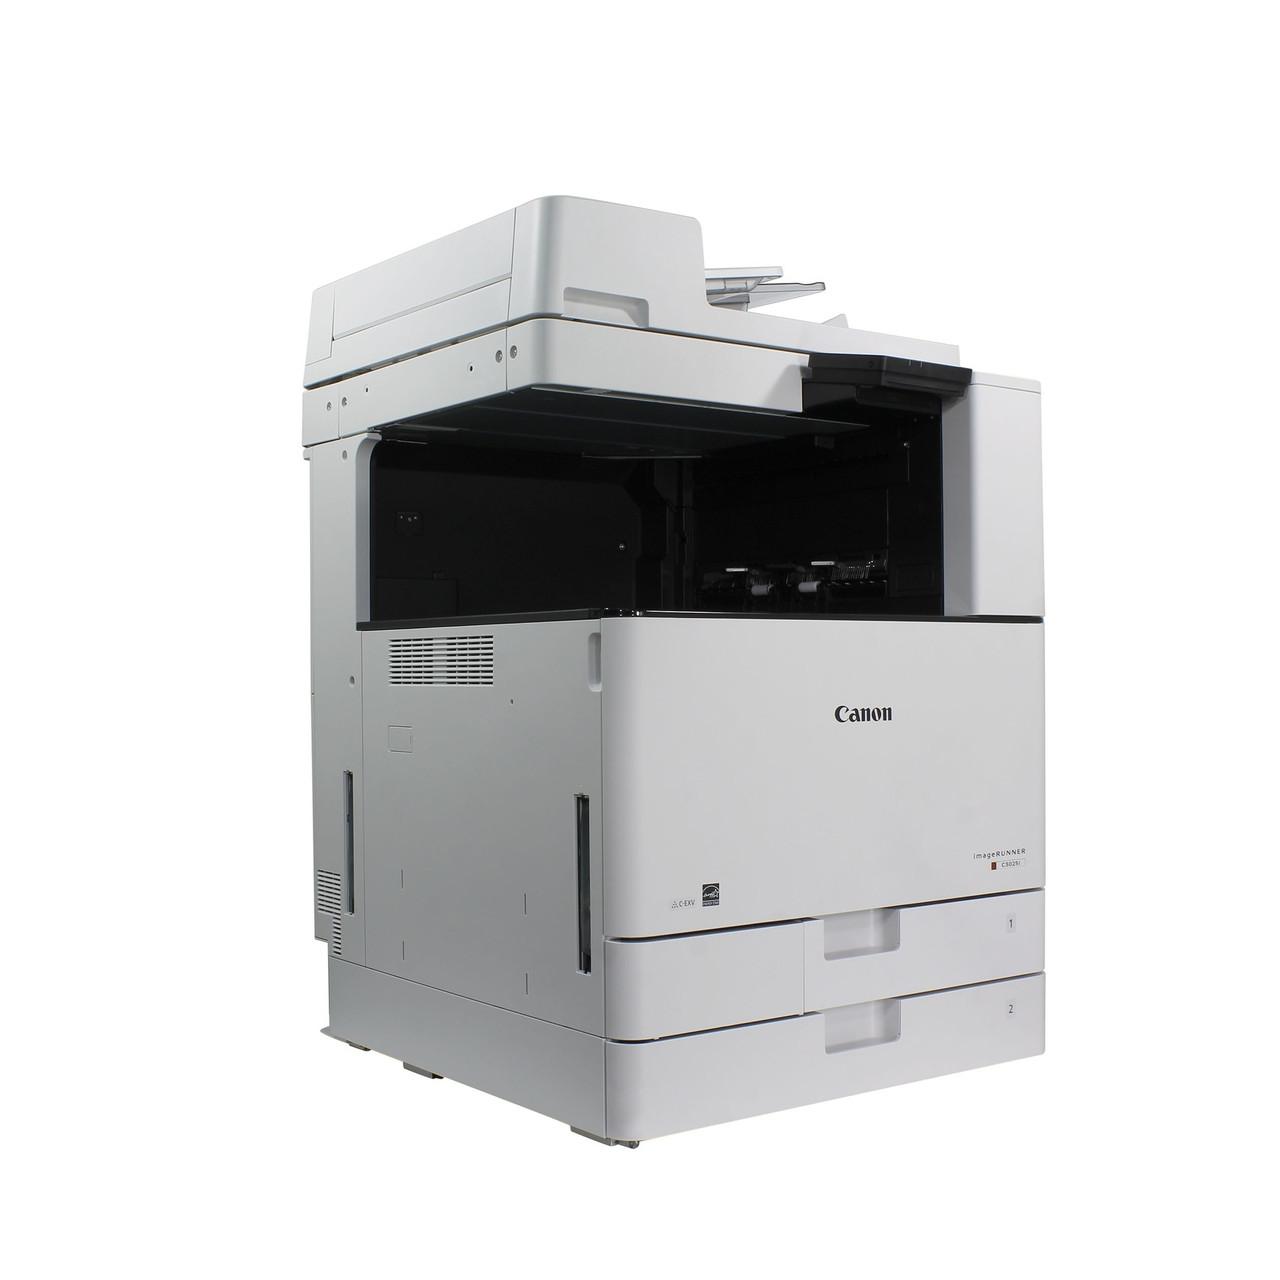 МФУ Canon imageRUNNER C3025i Color (Лазерный, А3, Цветной, USB, Ethernet, Wi-fi, Протяжный) 1567C007/bundle